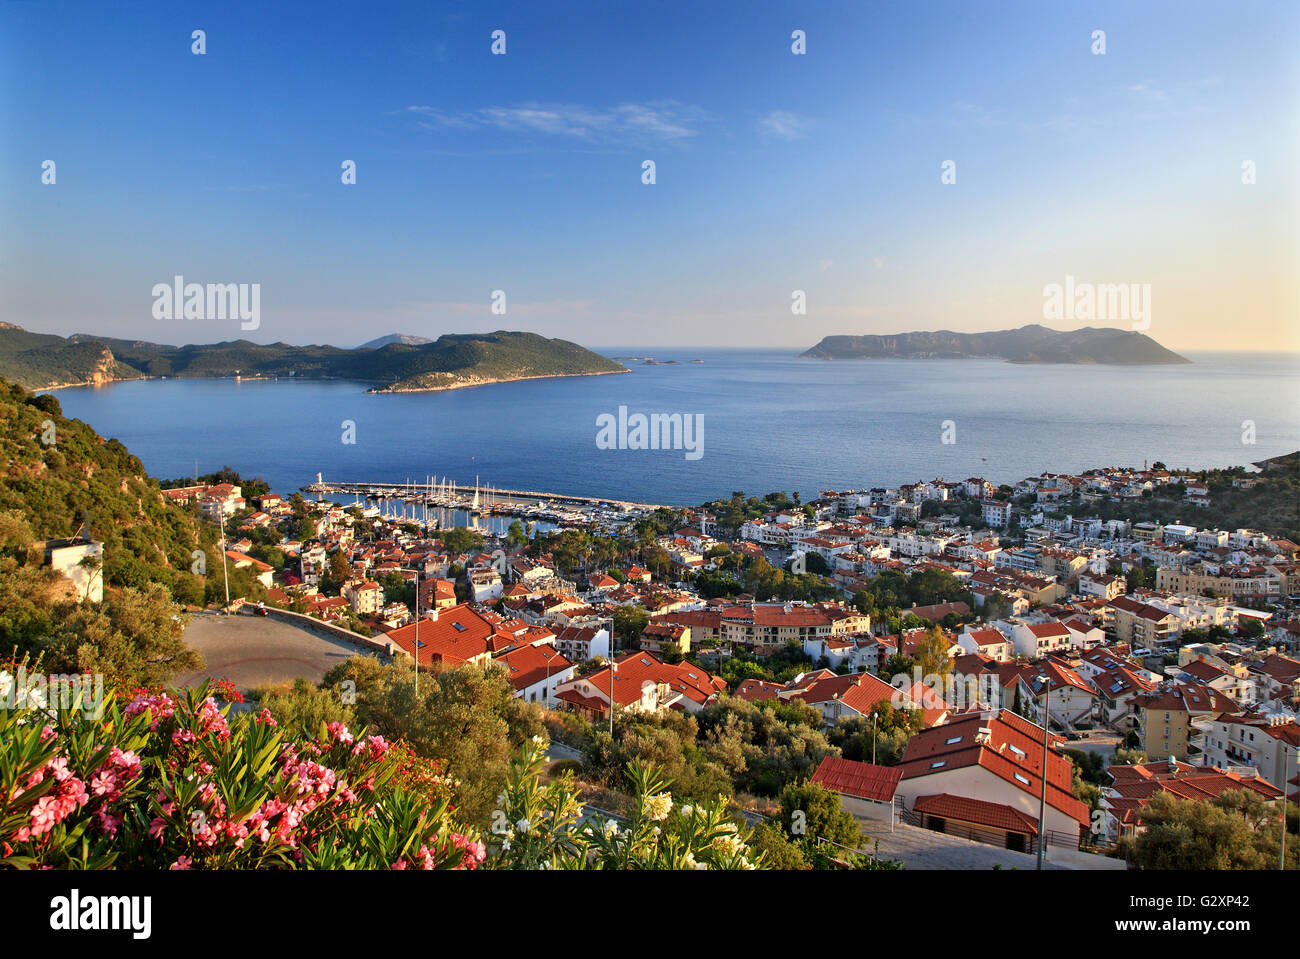 La pintoresca ciudad de Kas (antiguo nombre 'Antiphellos'), Licia, de la provincia de Antalya, Turquía. Imagen De Stock